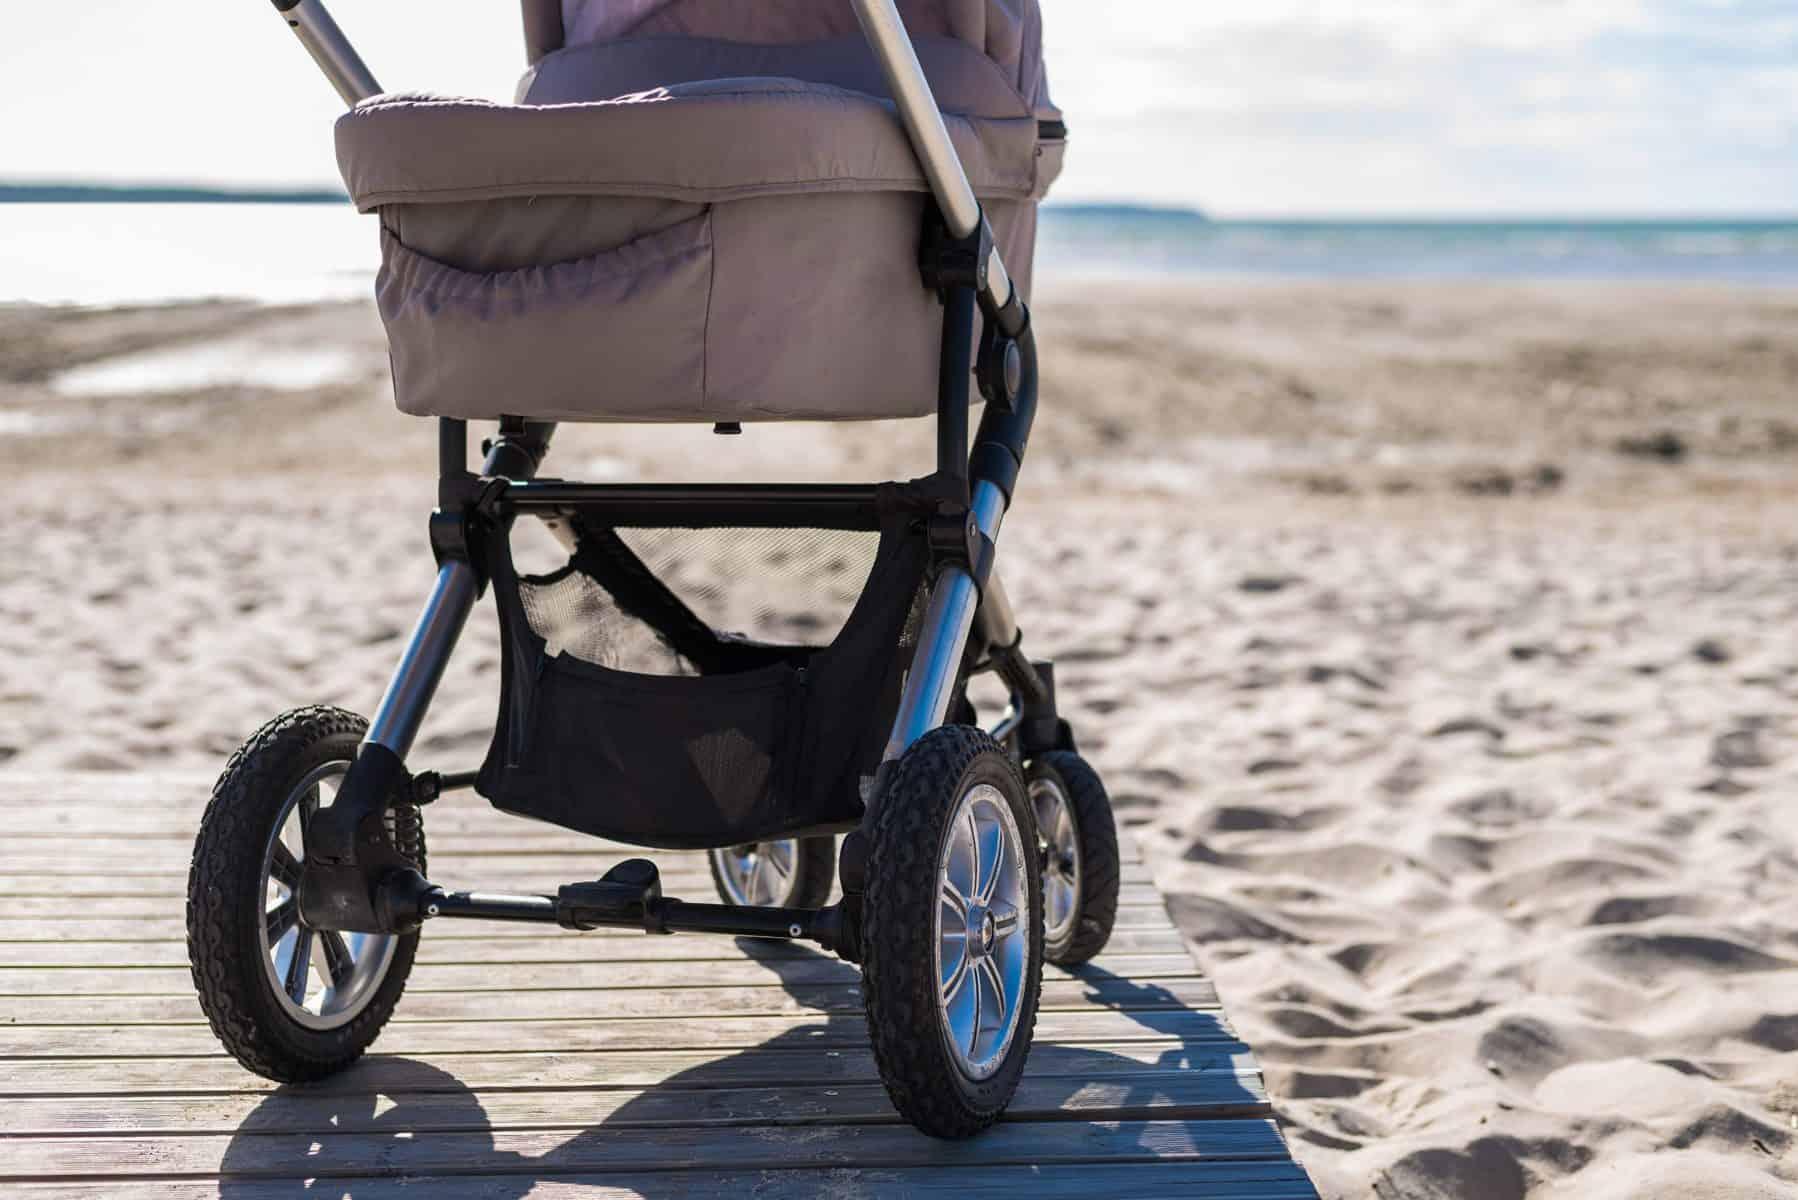 Best Beach Stroller | 2021 Reviews